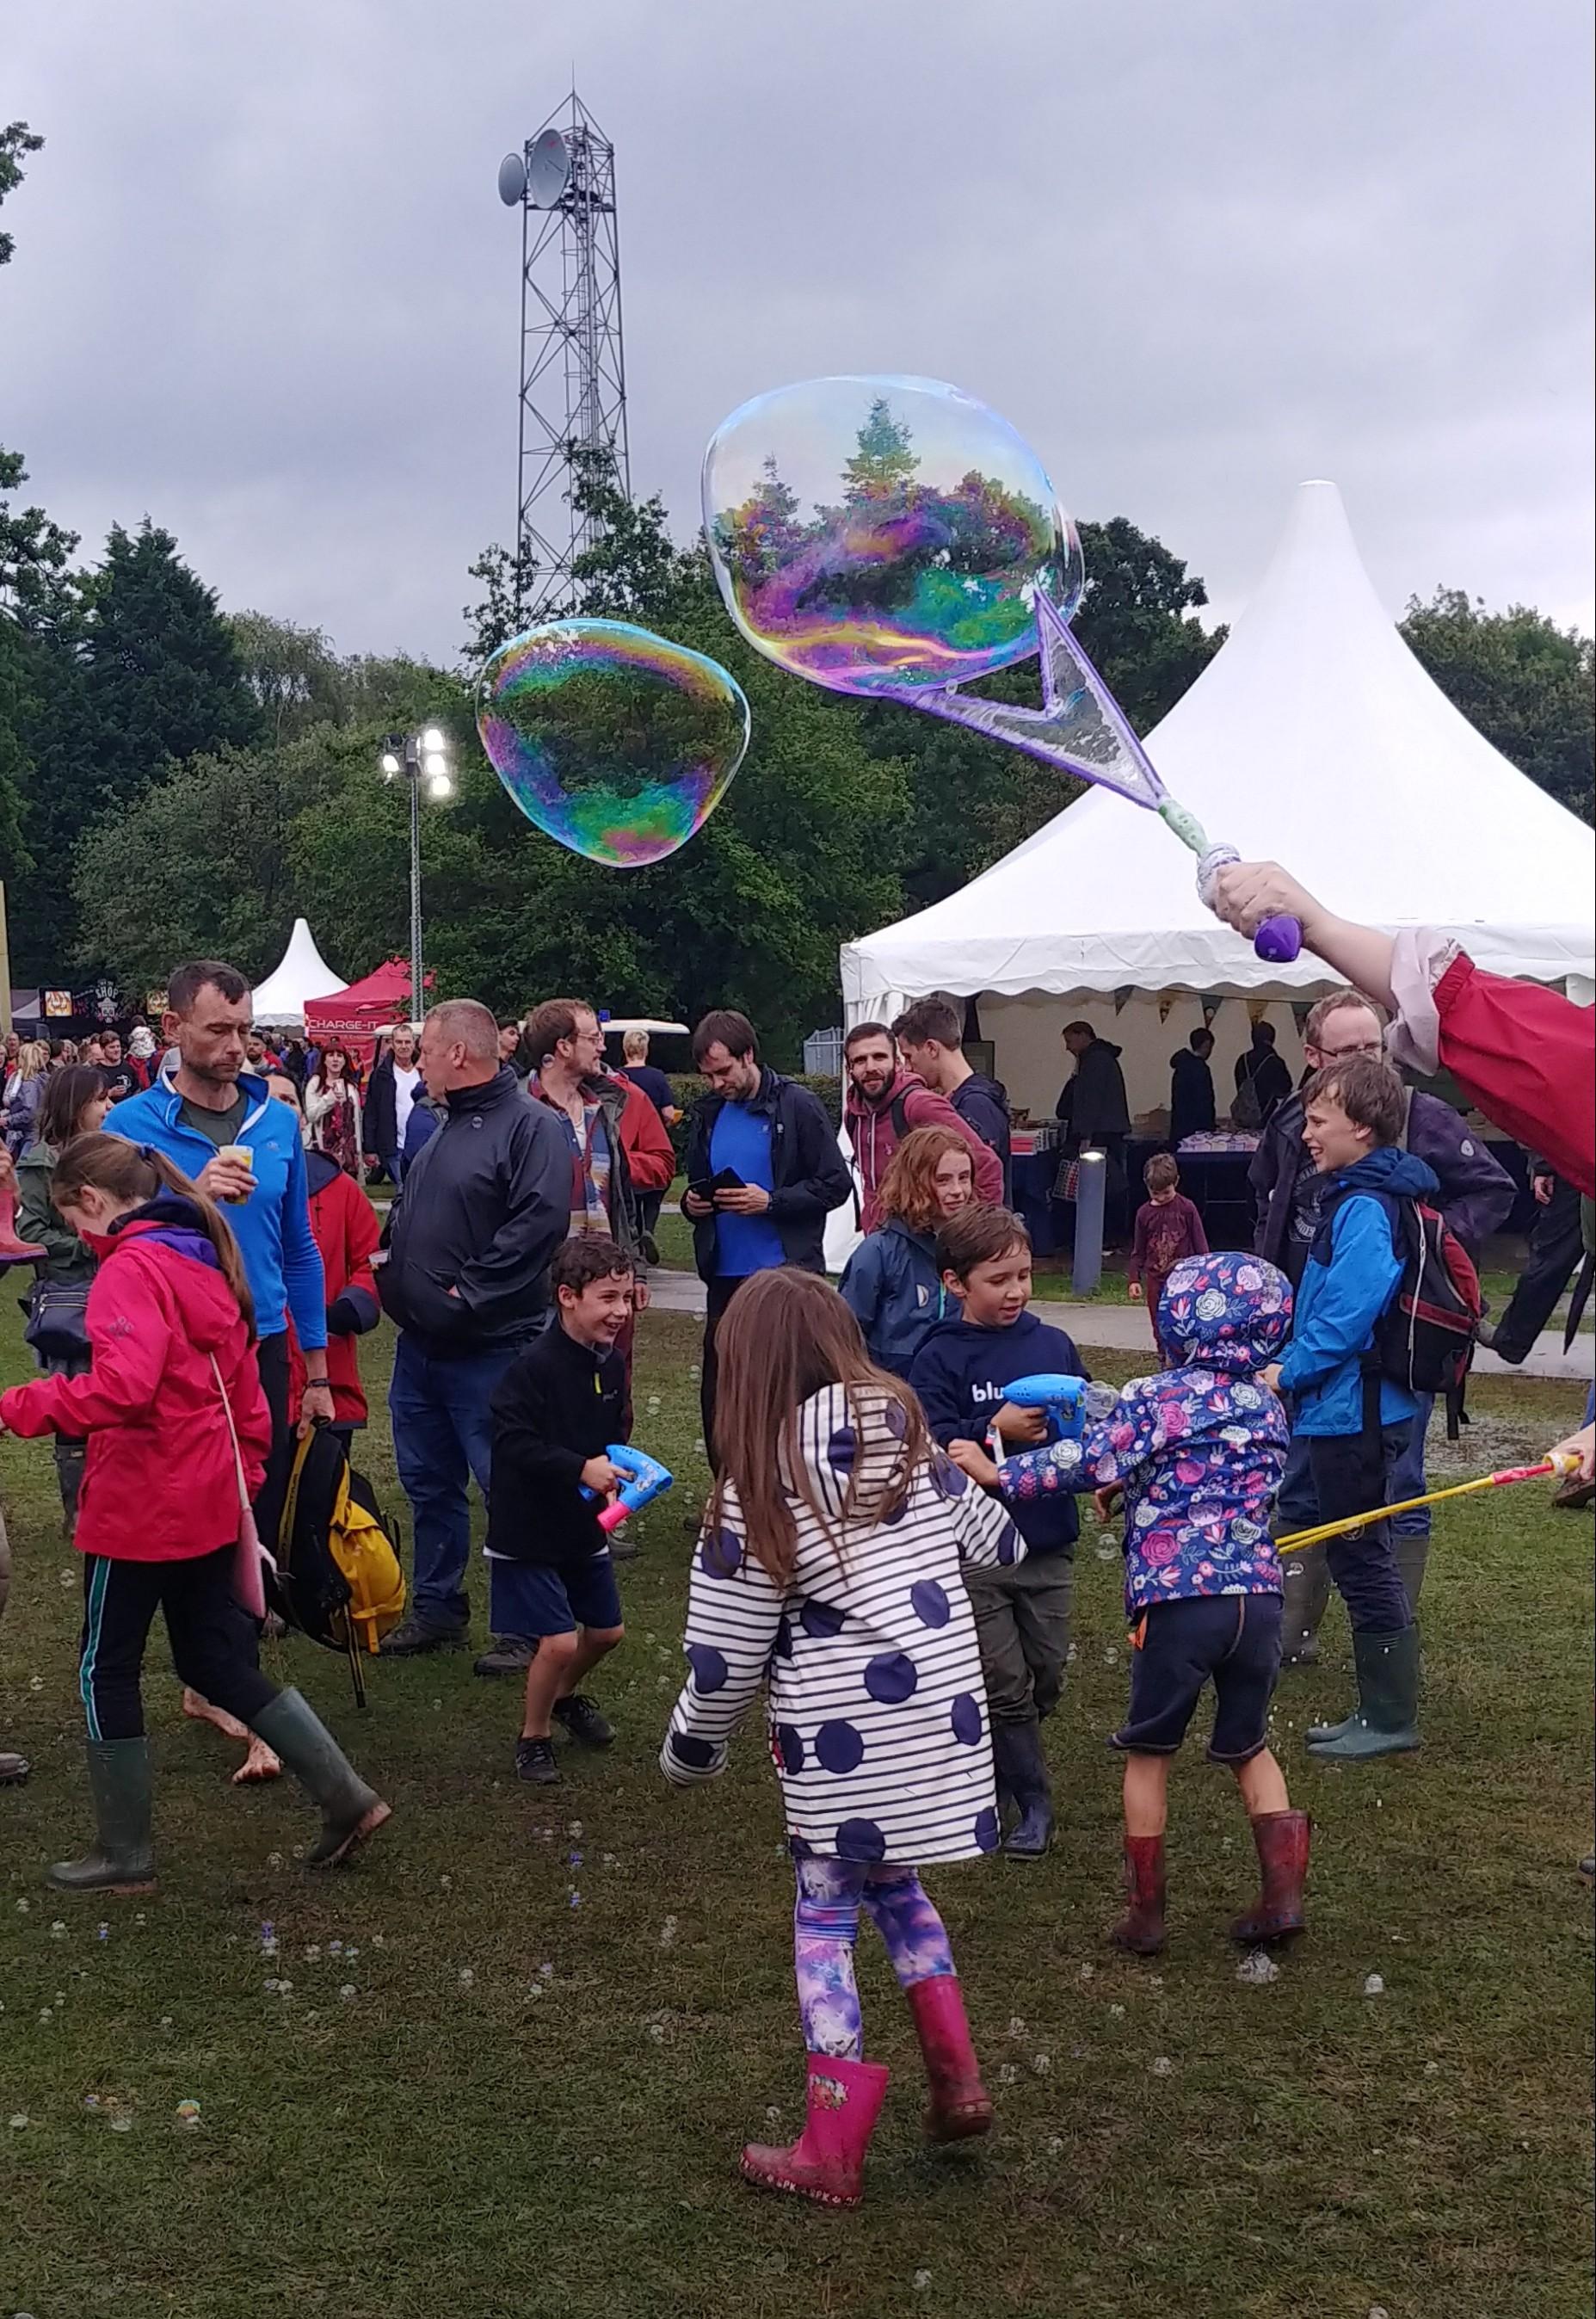 Chasing massive bubbles.